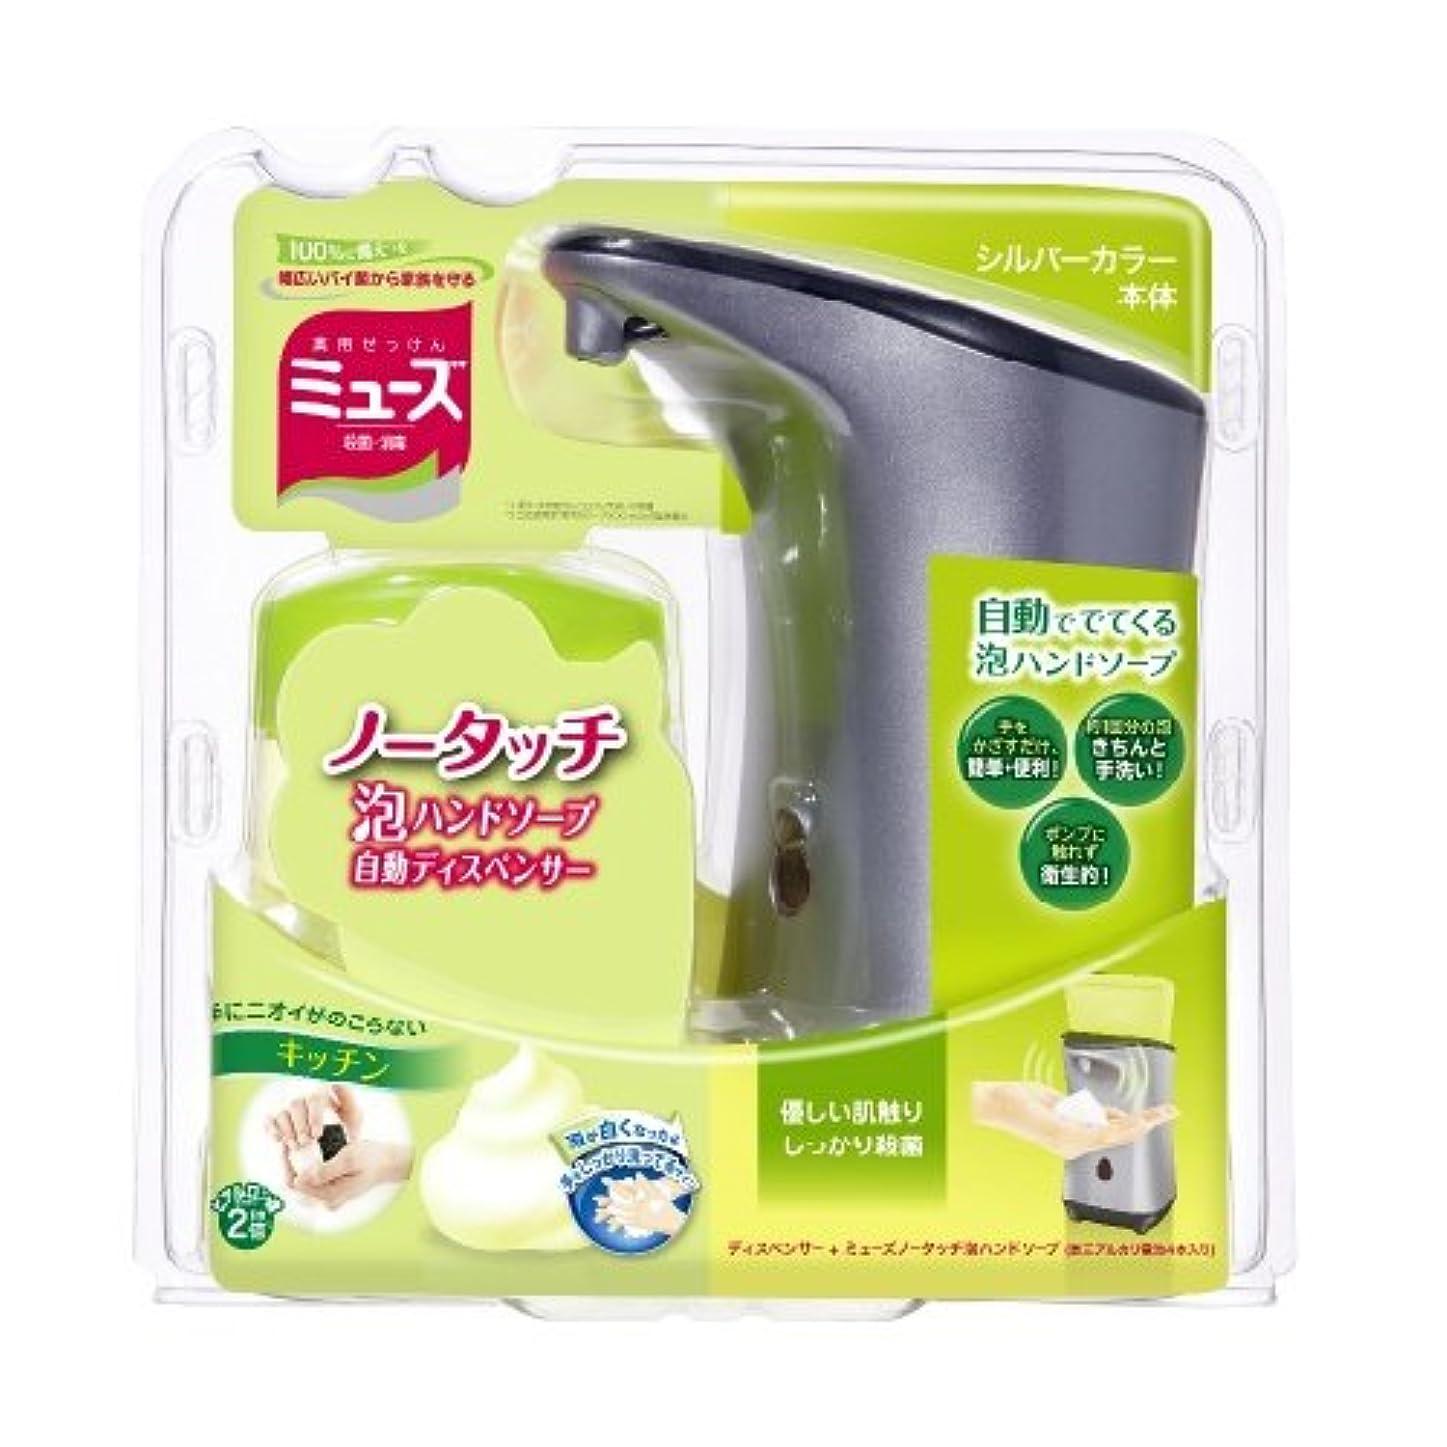 襟嫌がらせ一見アース ミューズ ノータッチ泡ハンドソープ キッチン 自動ディスペンサー 250ml ( 手洗い約250回分 ) 医薬部外品×3点セット ( 4906156800708 )